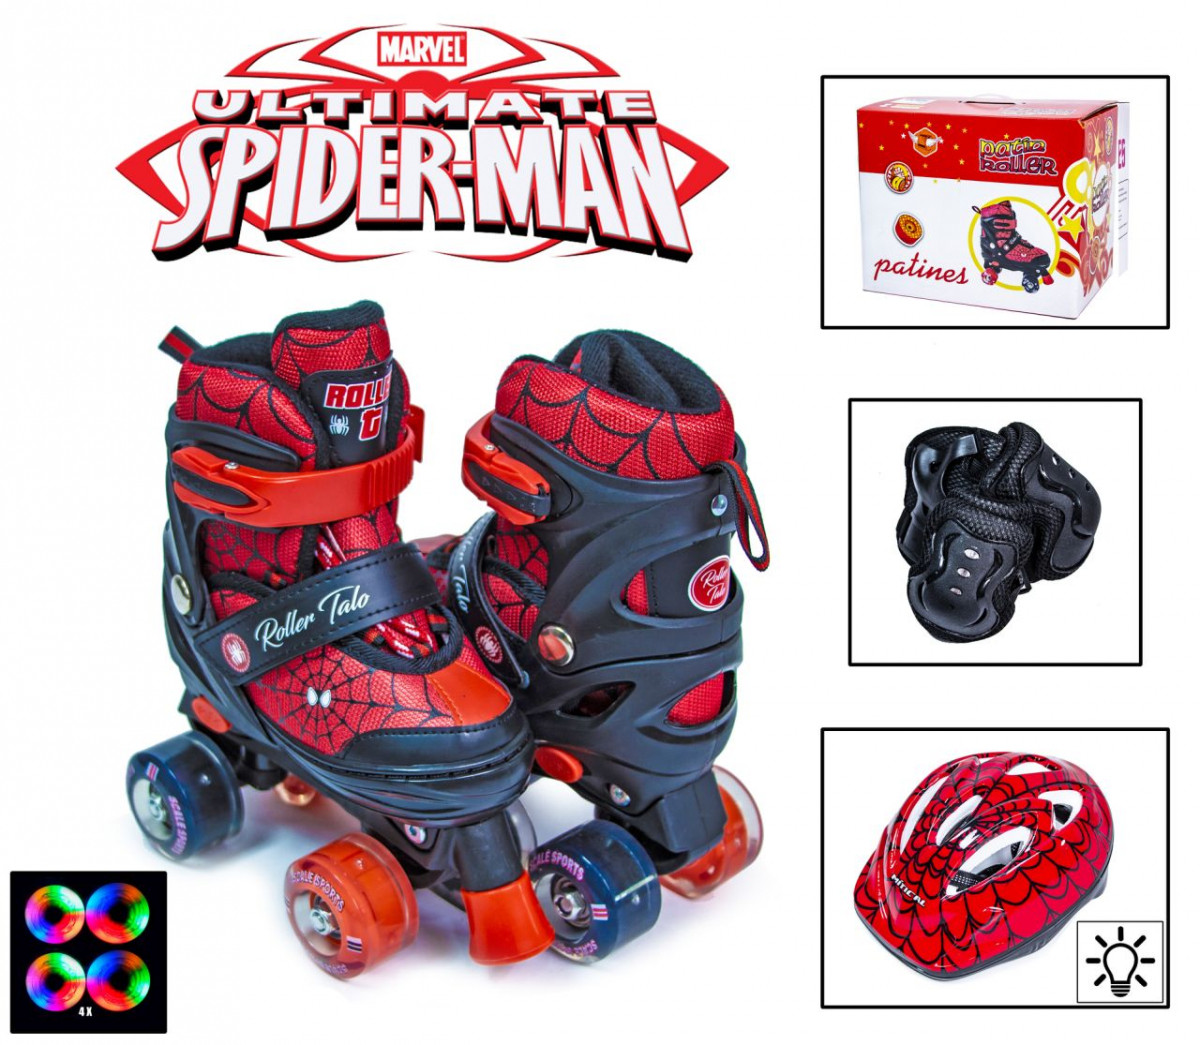 Комплект ролики-квады Disney с защитой и светящими колесами Spiderman размер 34-38